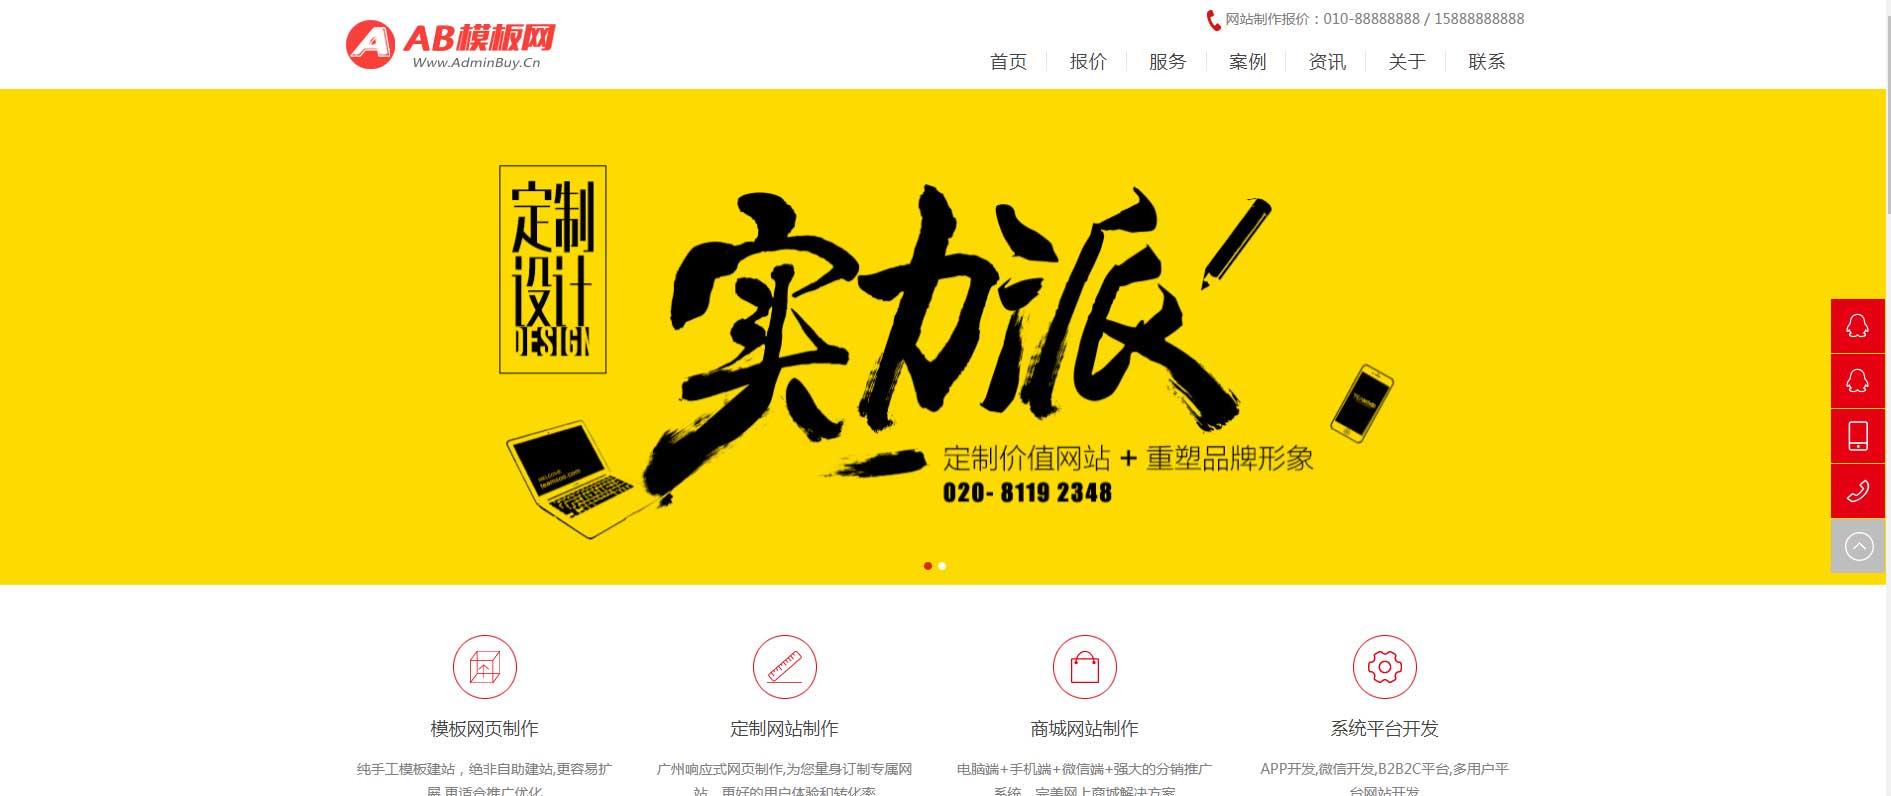 网络设计公司网站织梦dede模板源码[自适应手机版]插图